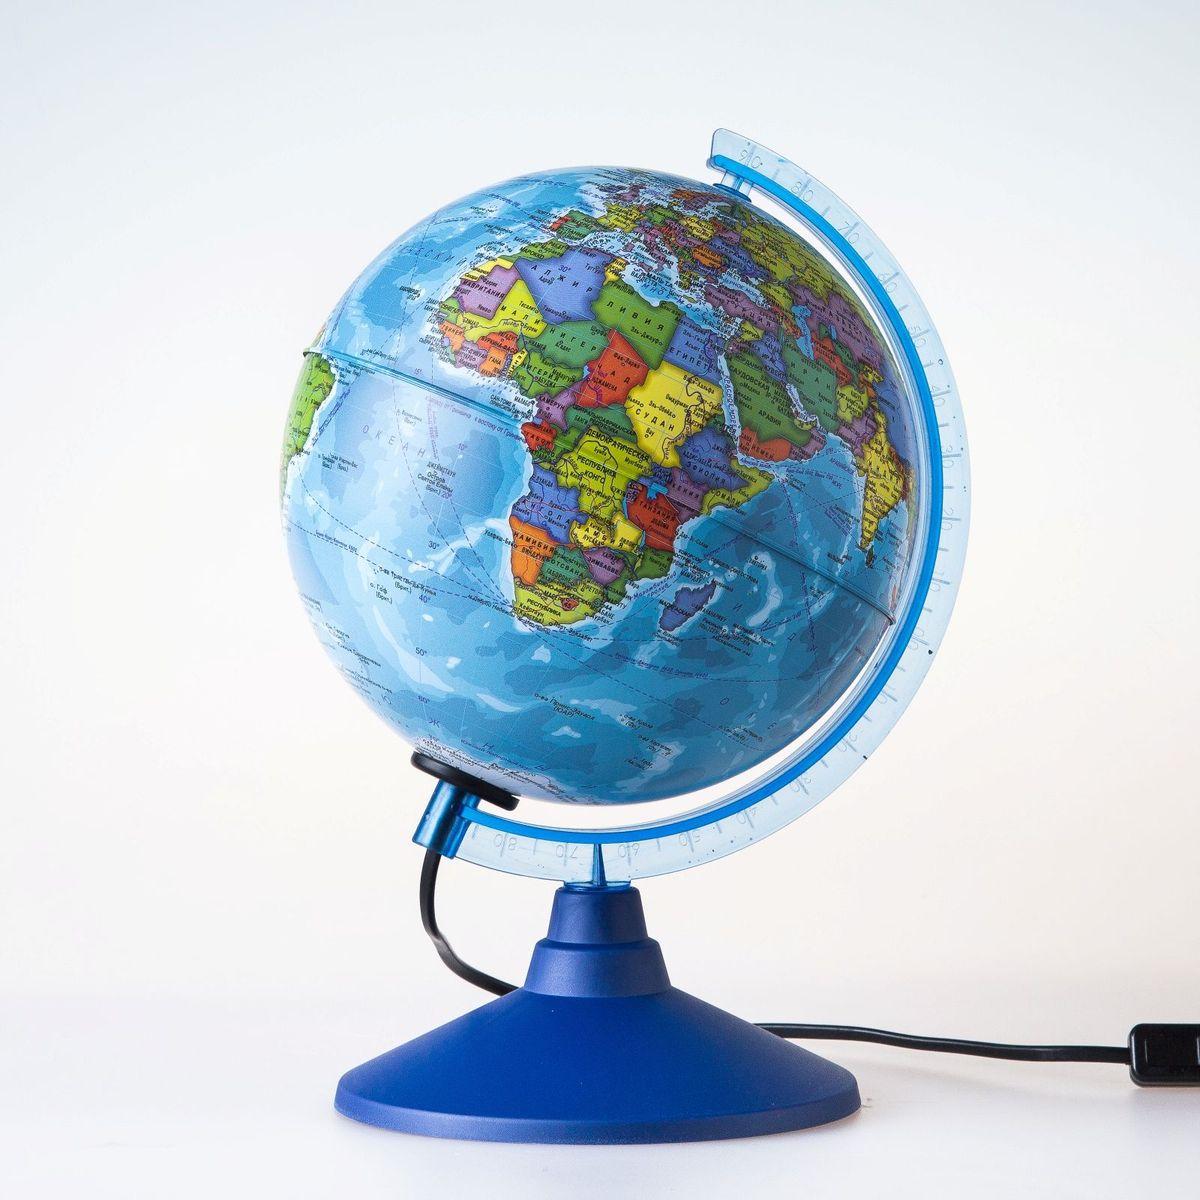 Глобен Глобус политический Классик Евро с подсветкой диаметр 15 см1072899Глобус для всех, глобус каждому!Глобус — самый простой способ привить ребенку любовь к географии. Он является отличным наглядным примером, который способен в игровой доступной и понятной форме объяснить понятия о планете Земля.Также интерес к глобусам проявляют не только детки, но и взрослые. Для многих уменьшенная копия планеты заменяет атлас мира из-за своей доступности и универсальности.Умный подарок! Кому принято дарить глобусы? Всем! Глобус политический диаметр 150мм Классик Евро с подсветкой — это уменьшенная копия земного шара, в которой каждый найдет для себя что-то свое.путешественники и заядлые туристы смогут отмечать с помощью стикеров те места, в которых побывали или собираются их посетитьделовые и успешные люди оценят такой подарок по достоинству, потому что глобус ассоциируется со статусом и властьюпреподаватели, ученые, студенты или просто неординарные личности также найдут для глобуса достойное место в своем доме.Итак, спешите заказать настольные глобусы в нашем интернет-магазине по привлекательным ценам, и помните, кто владеет глобусом, тот владеет миром!